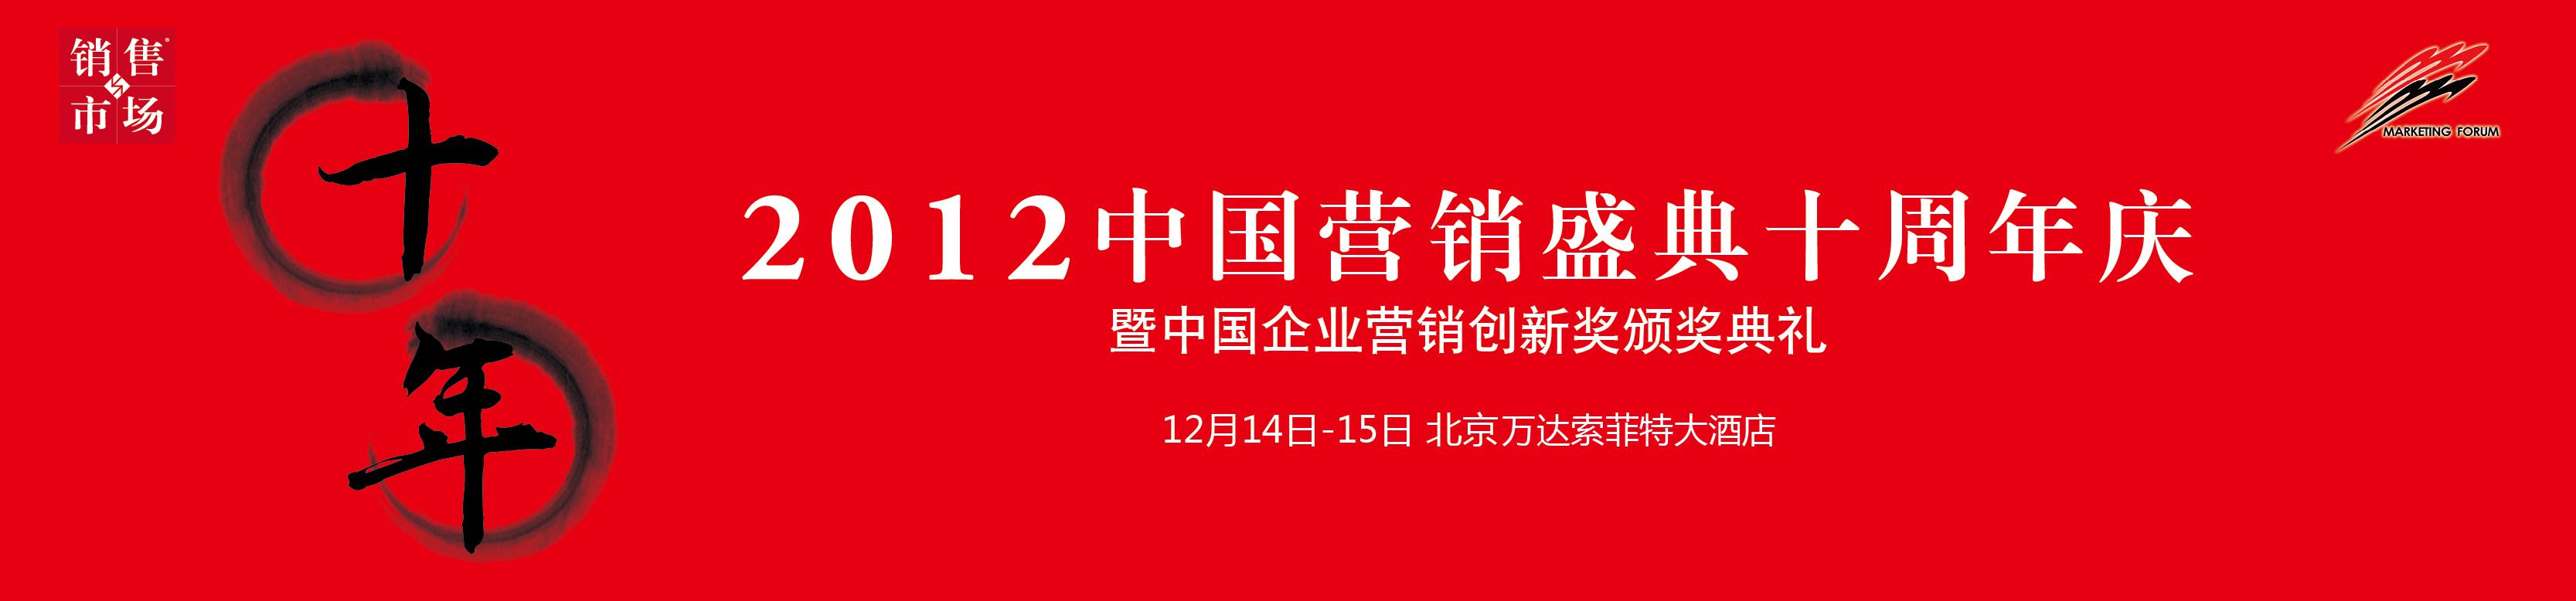 2012中国创新营销峰会